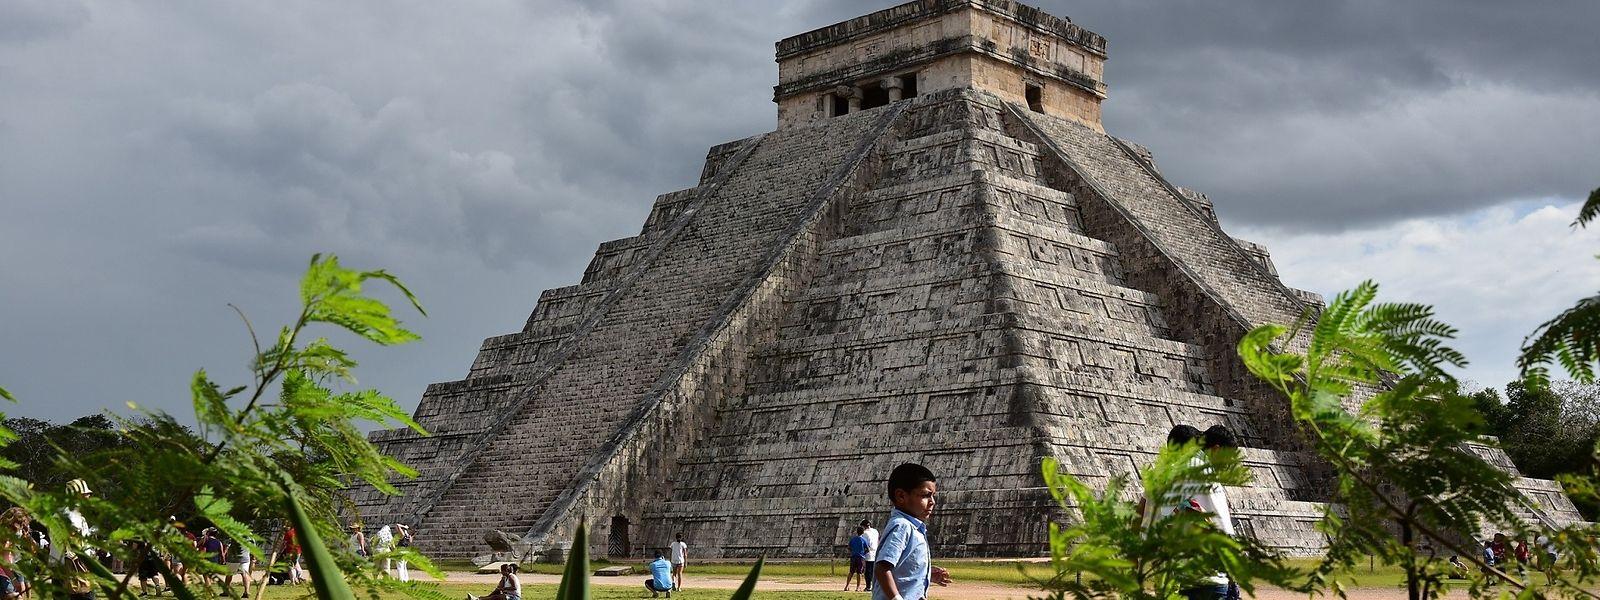 Die Kukulcán-Pyramide in Chichén Itzá ist noch gut erhalten. Im Inneren des 30 Meter hohen Baus befindet sich ein Bauwerk mit ähnlichem Grundriss.